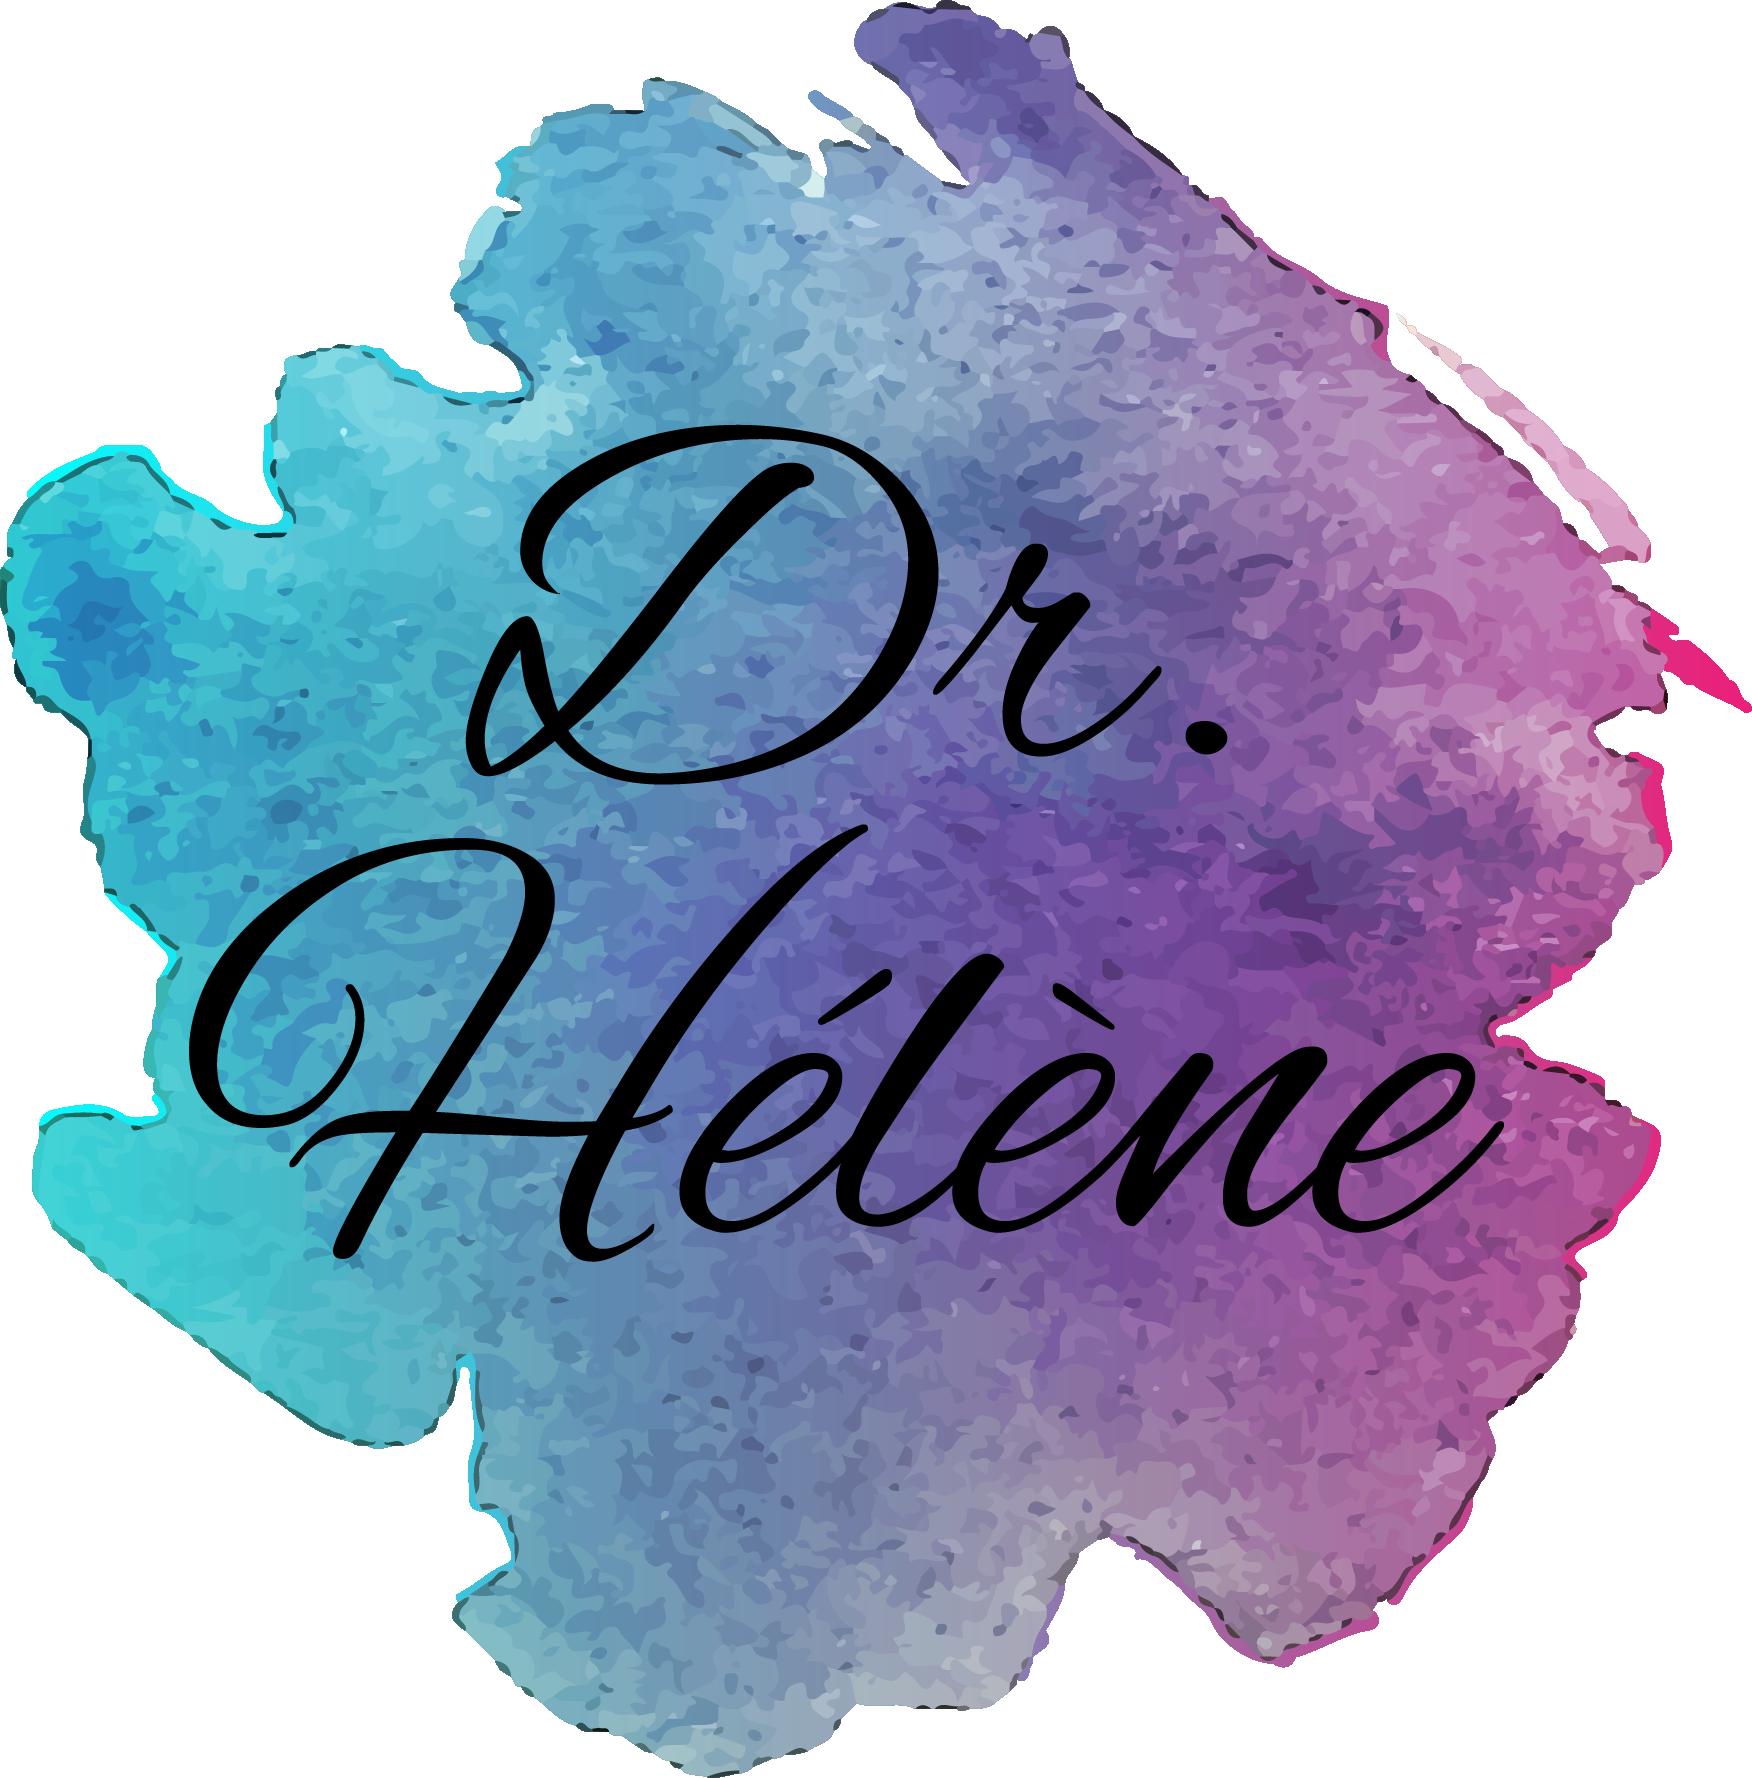 Dr. Helene Aisenstat